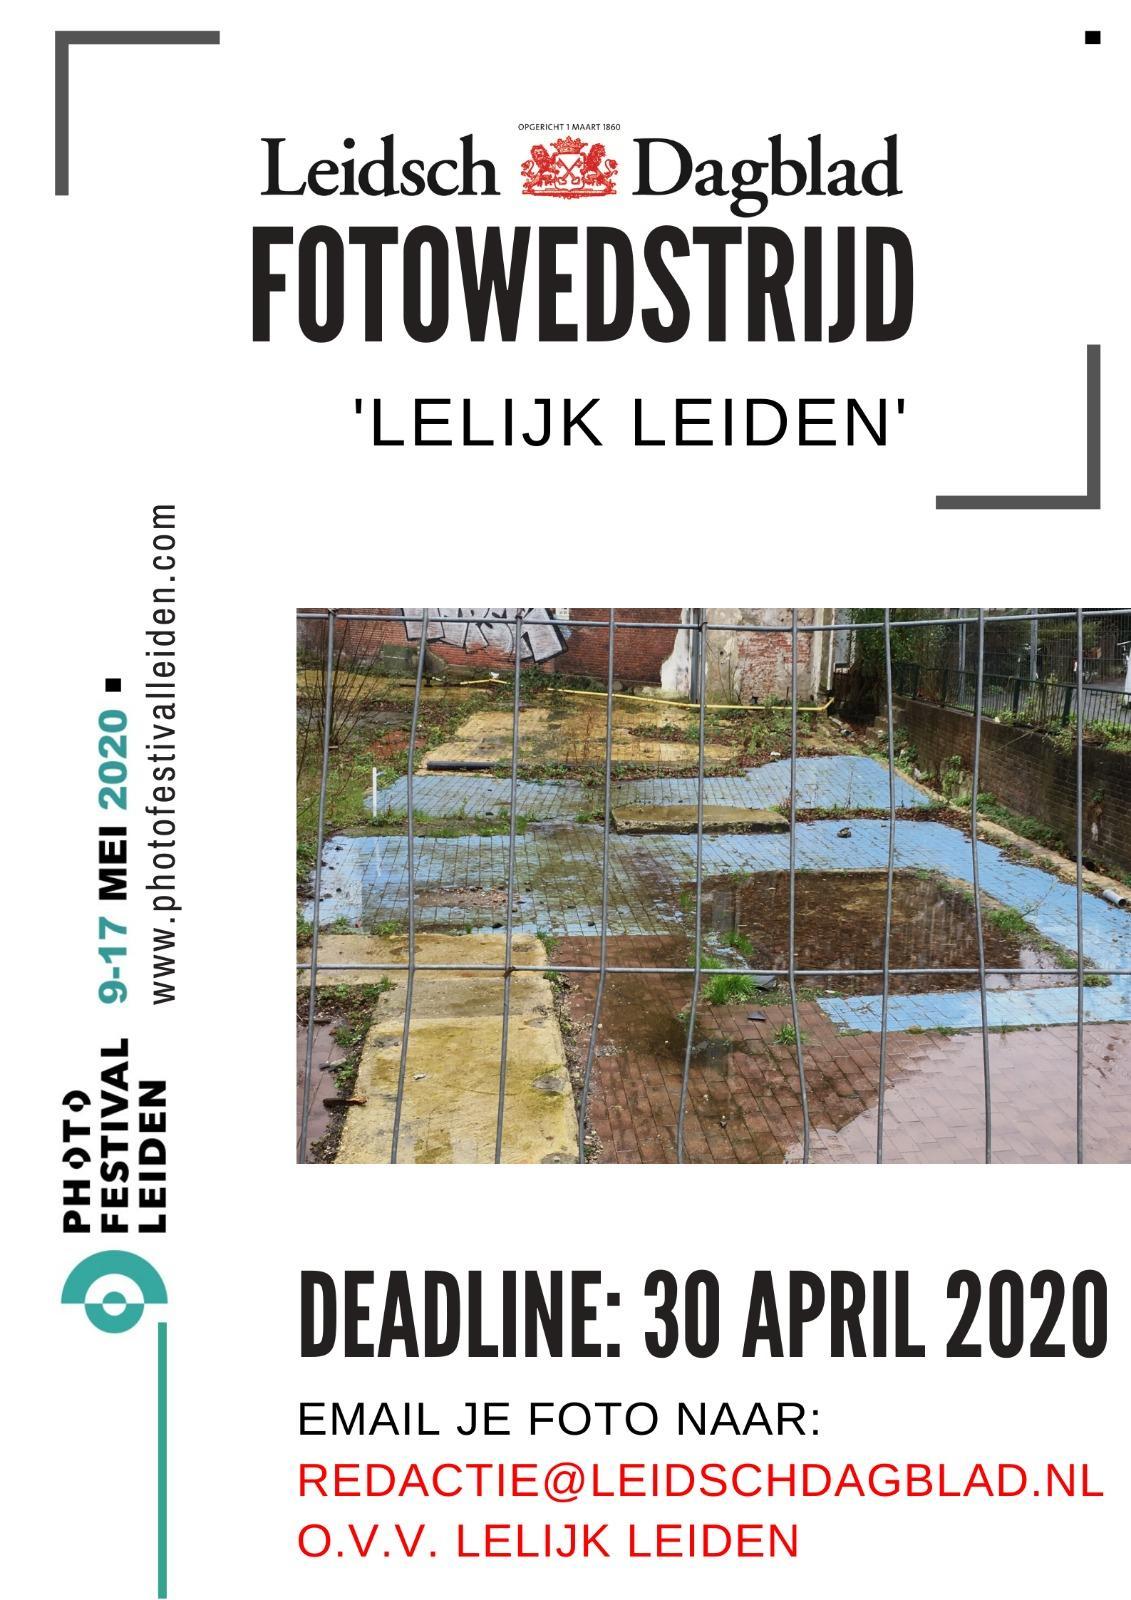 Oproep: maak een foto van Lelijk Leiden